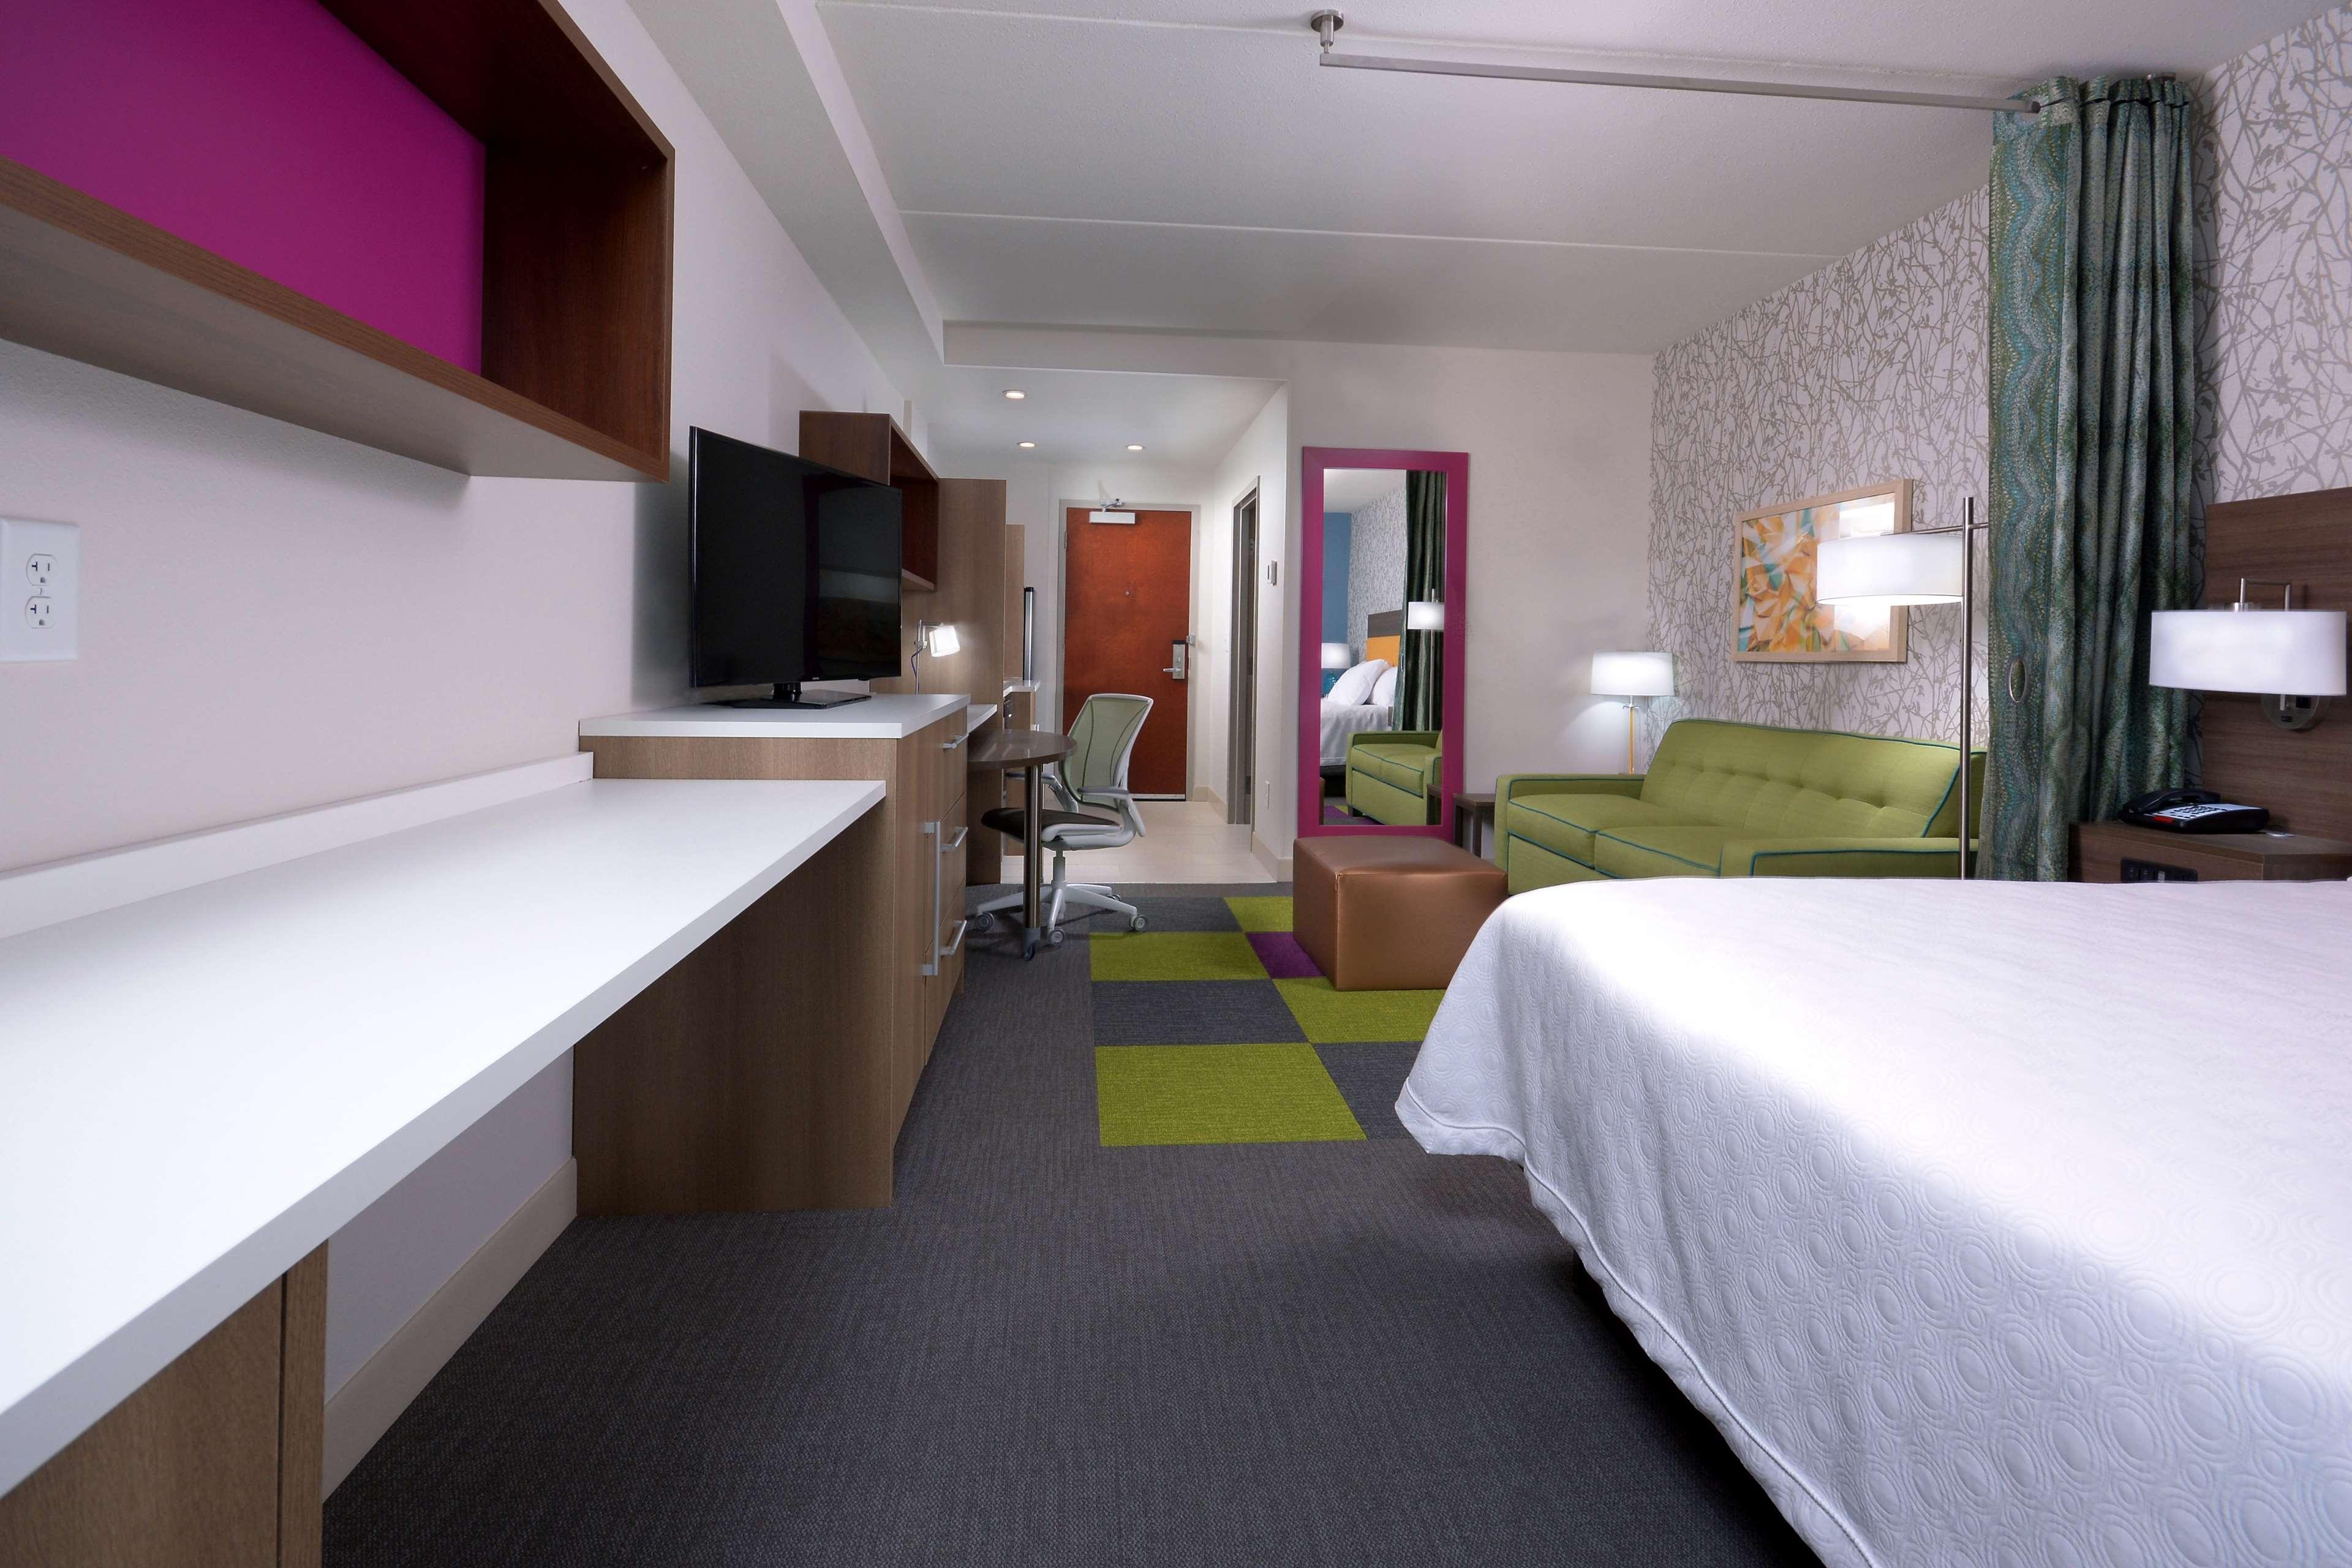 Home2 Suites by Hilton Duncan image 21